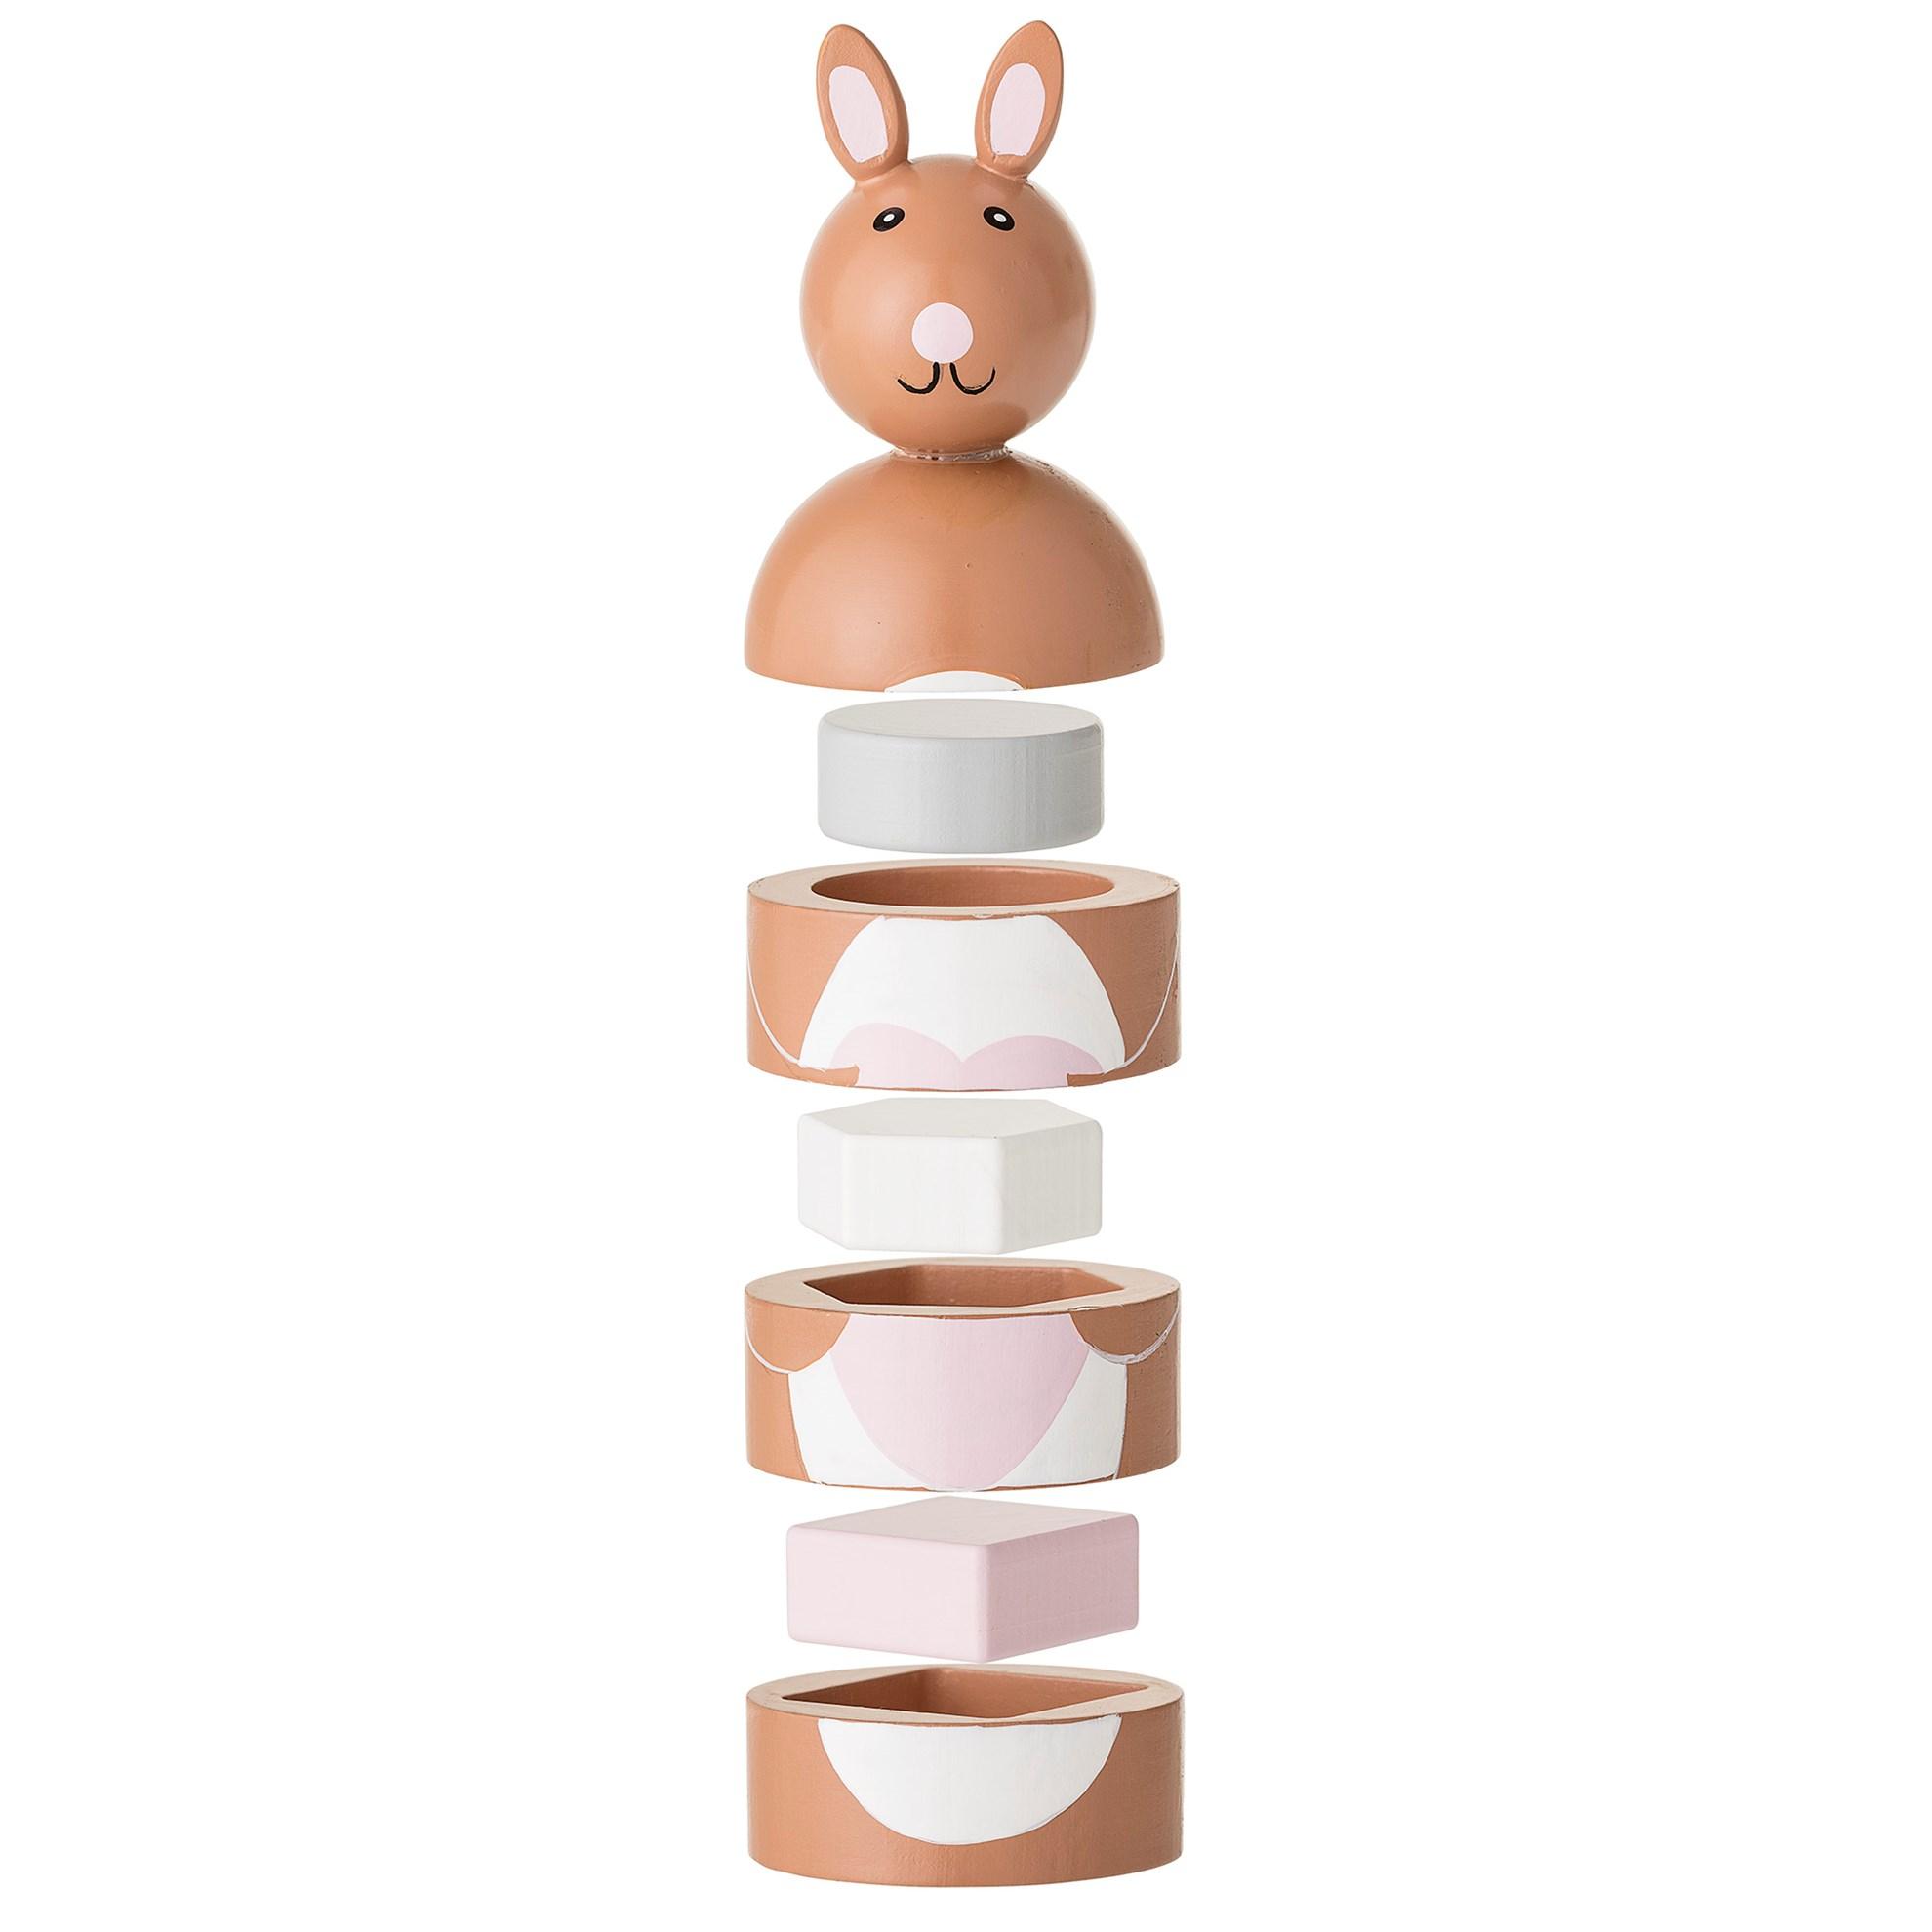 Skládací dřevěná hračka Rabbit_0